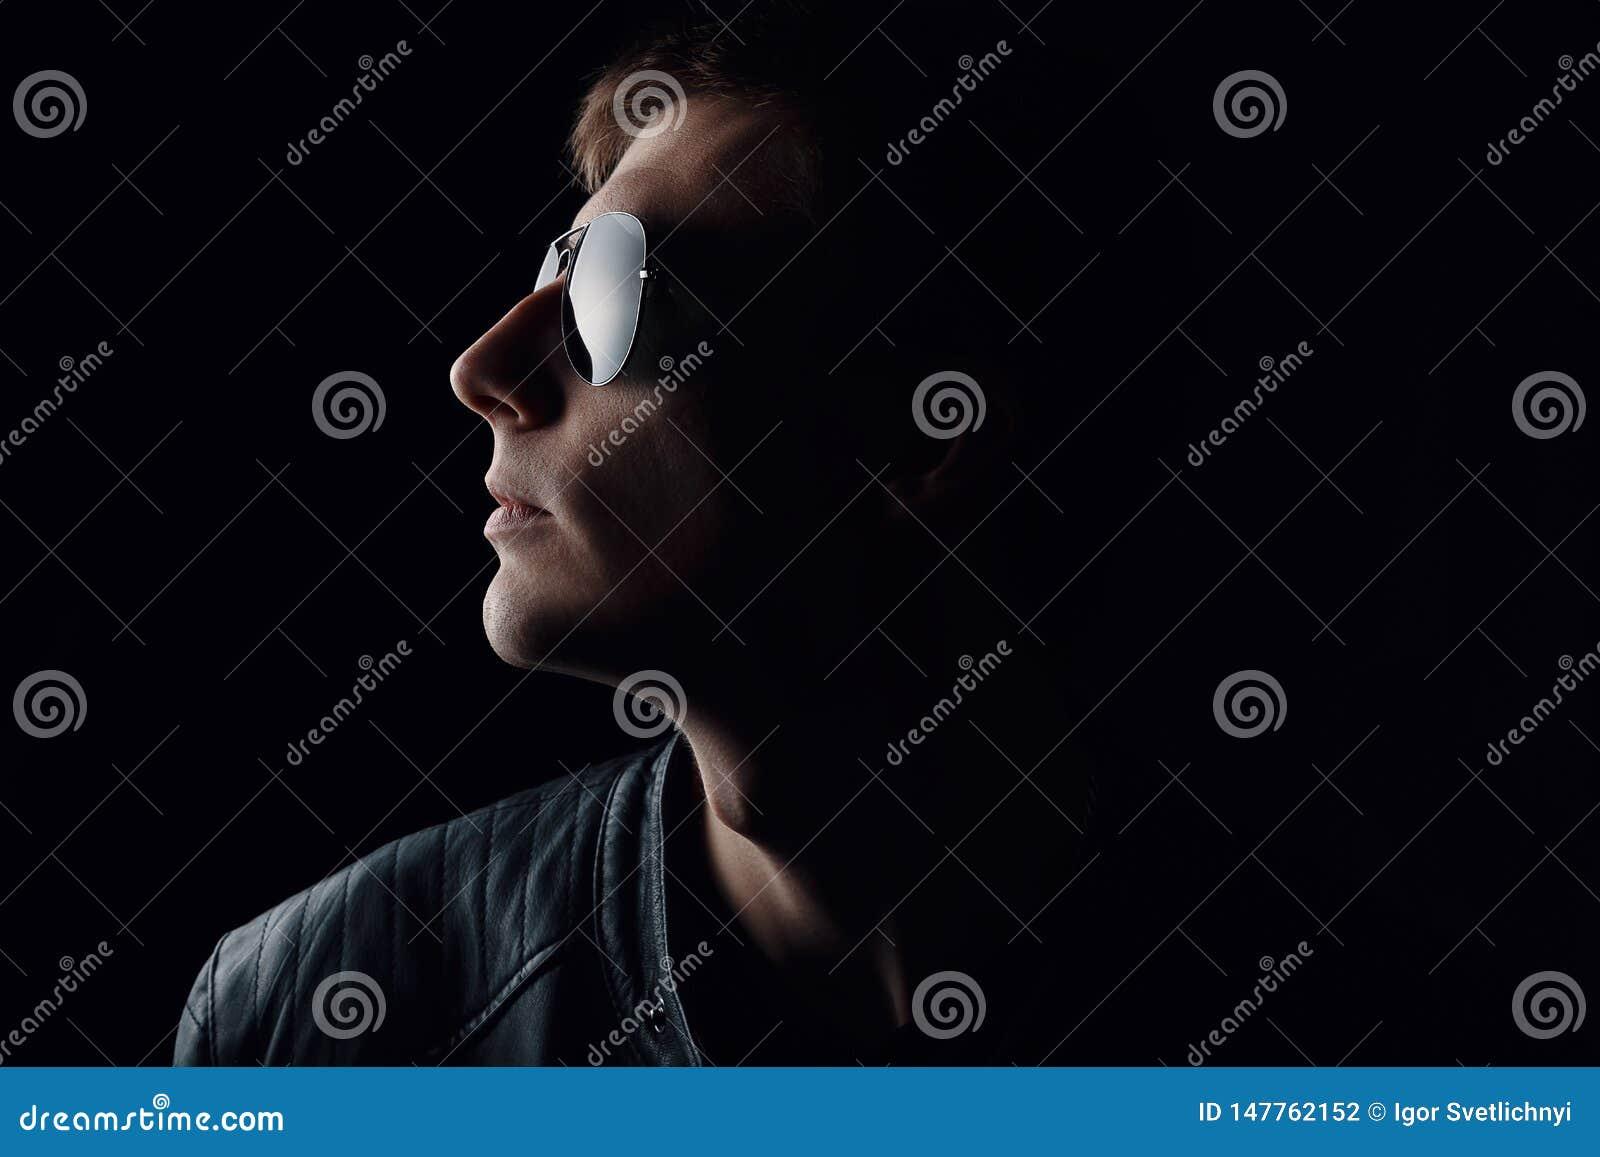 M?odego cz?owieka portret W g?r? powa?nego m?odego cz?owieka w czarnej sk?rzanej kurtce i okularach przeciws?onecznych na ciemnym